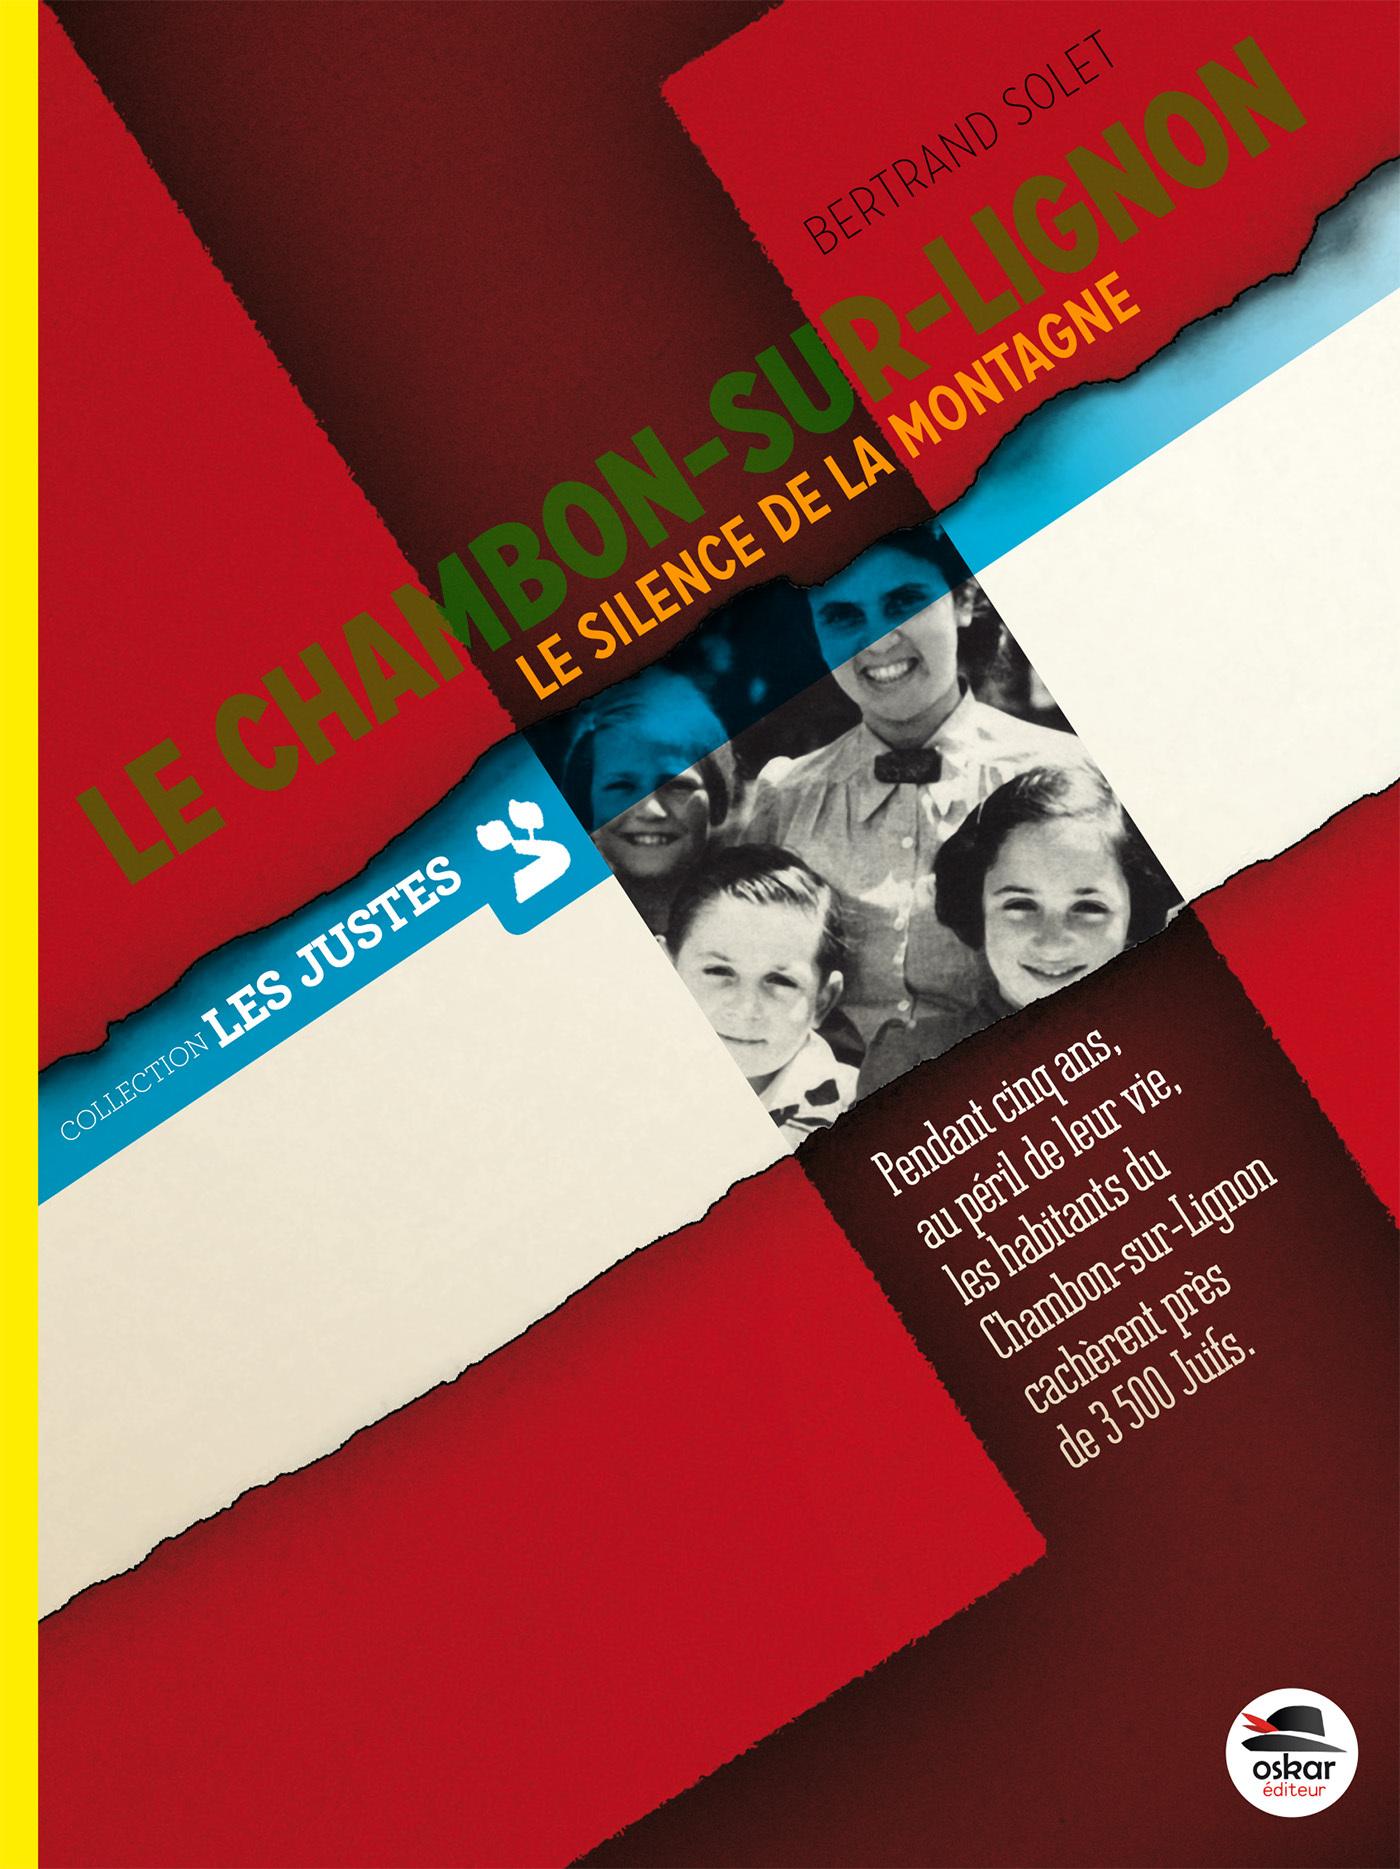 CHAMBON-SUR-LIGNON (LE) - SILENCE DE LA MONTAGNE (LE)